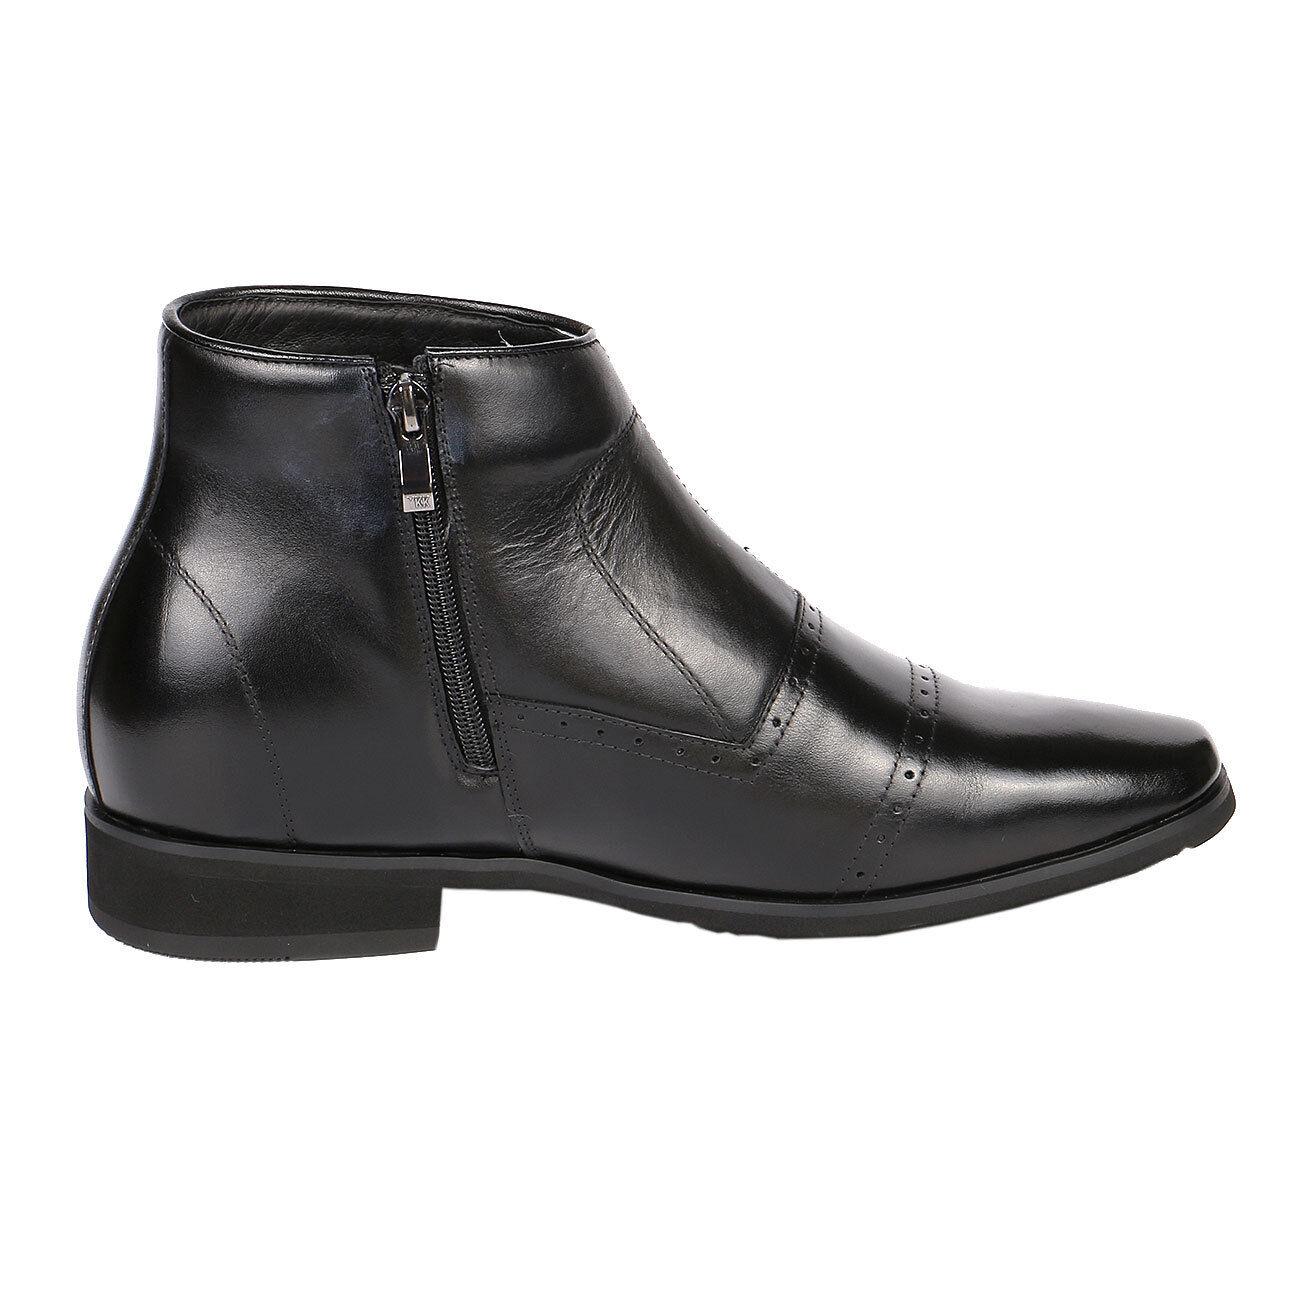 Jota Midtown Cap Toe Zip Stiefel 2.8  Increasing Height, Height, Height, GKB22 aec72c